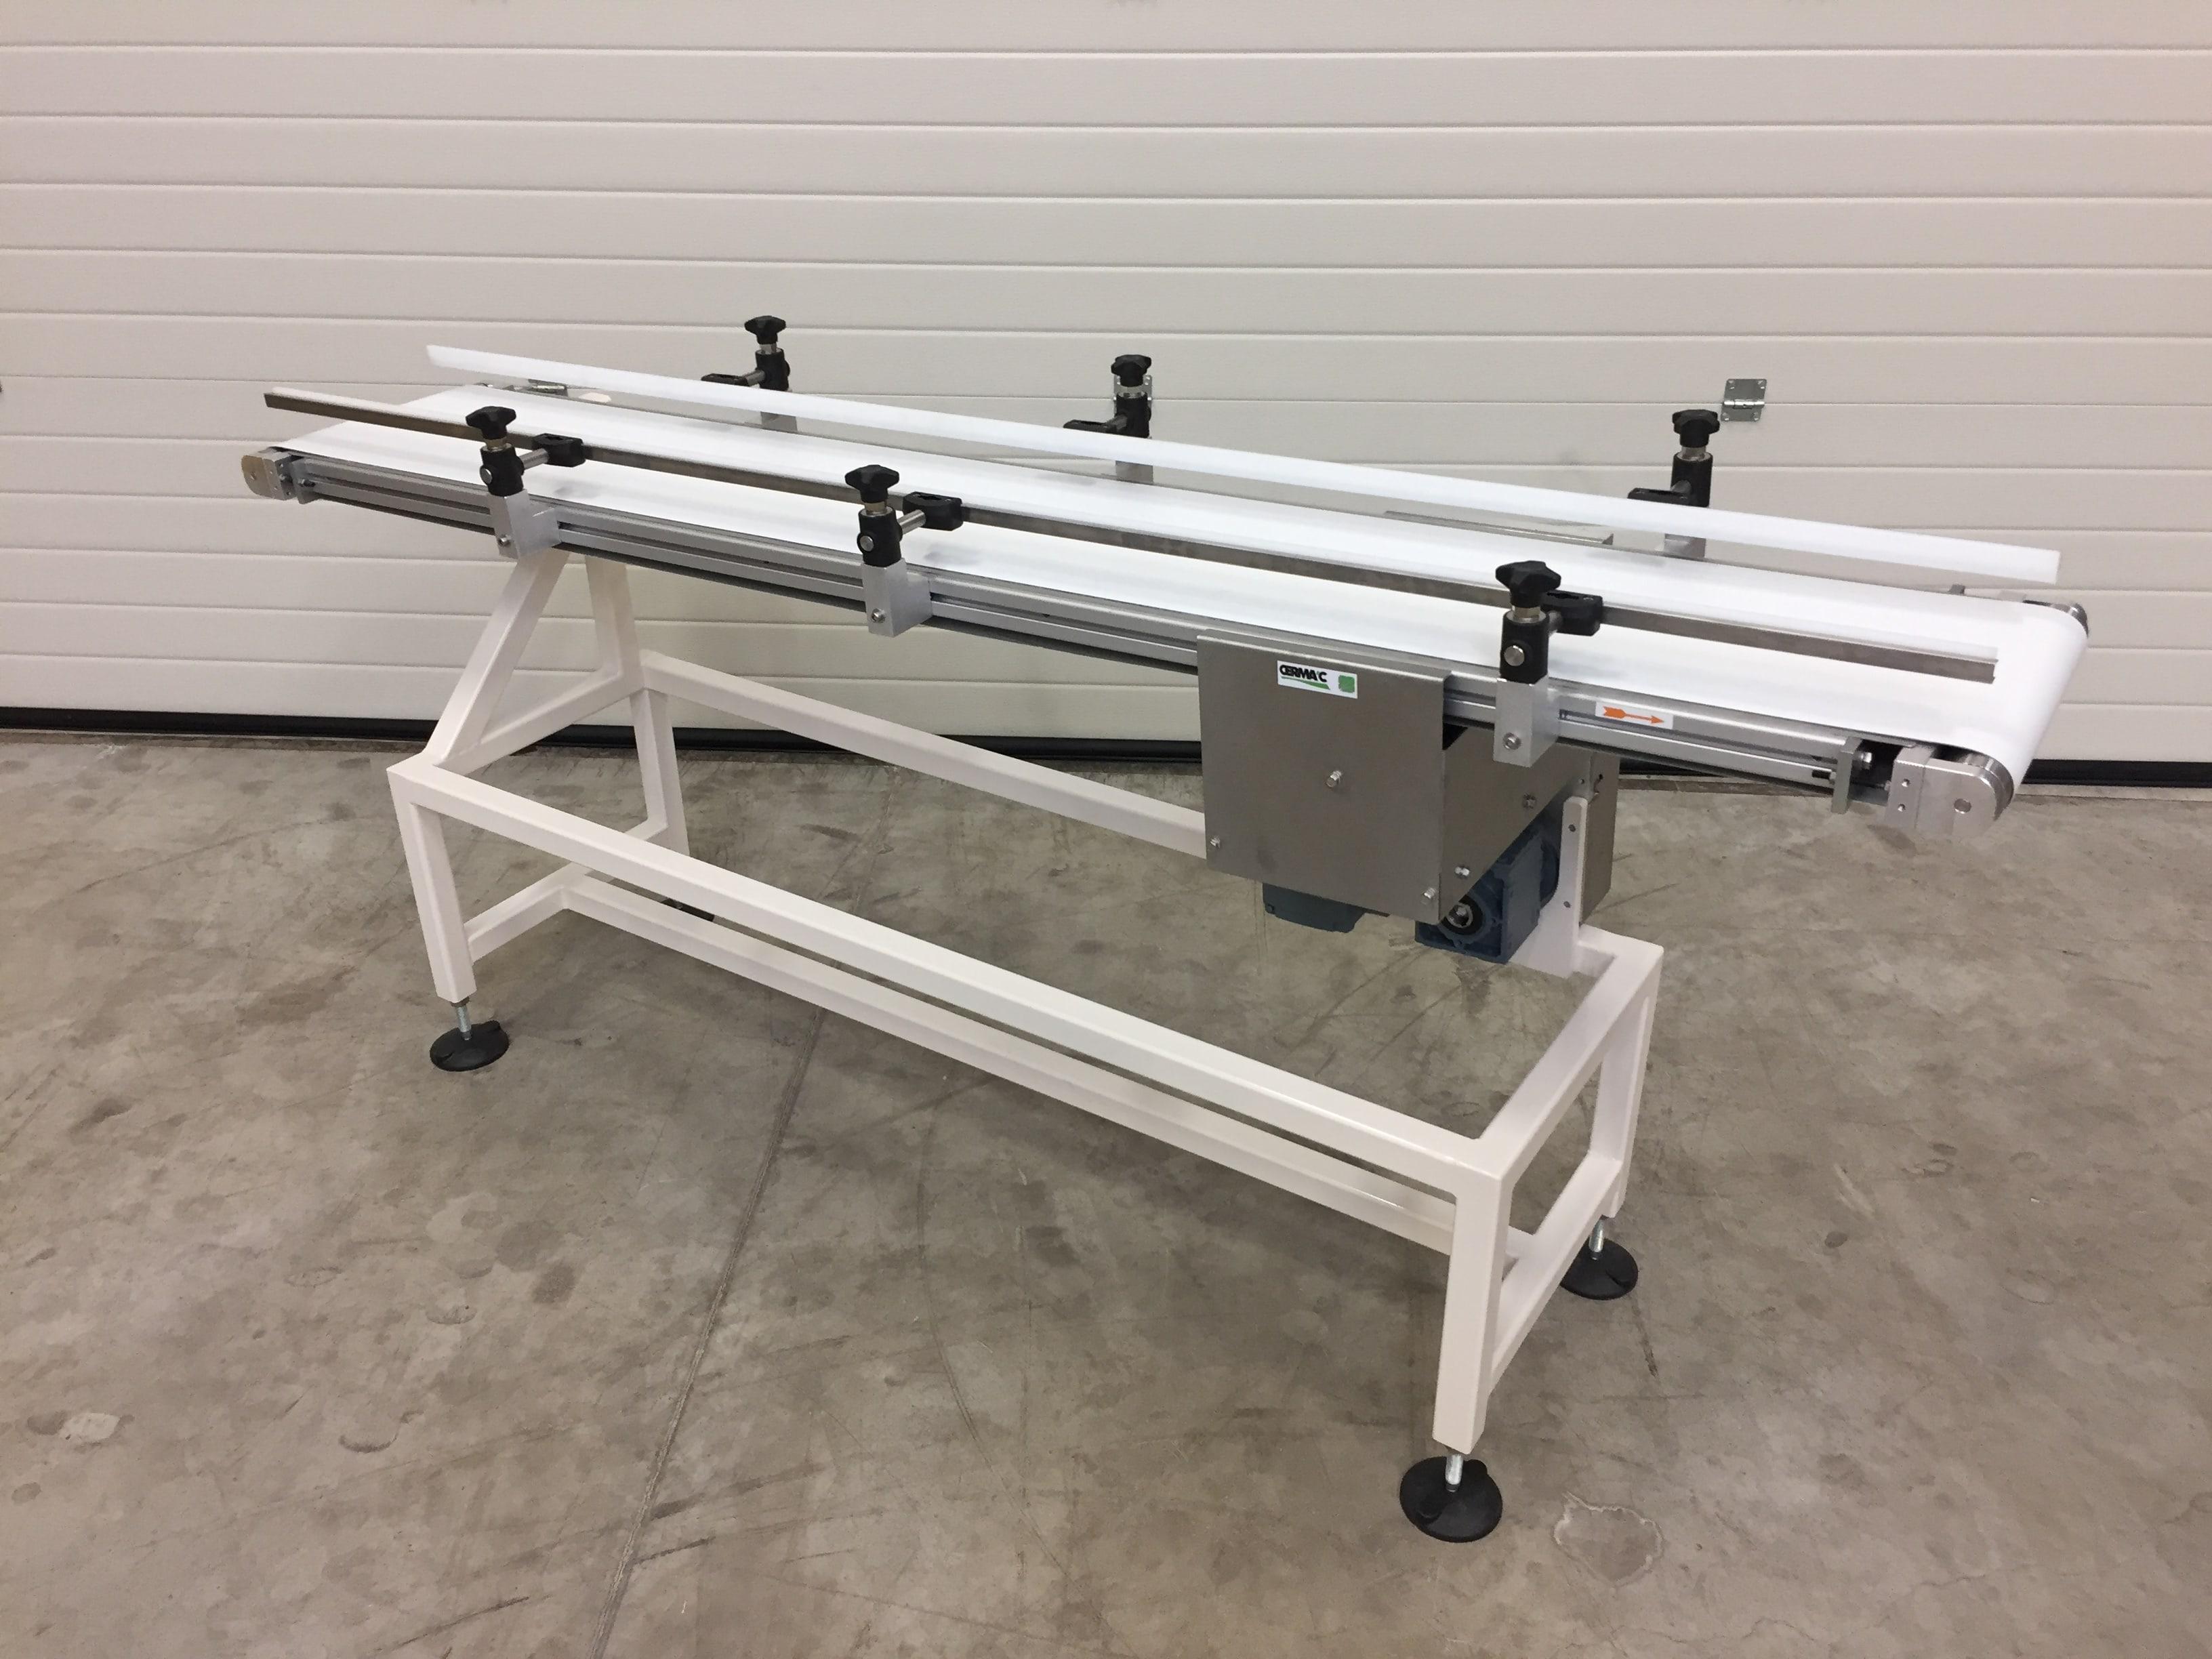 Cerma'c - Réalisation d'un ensemble de convoyeurs en structure aluminium